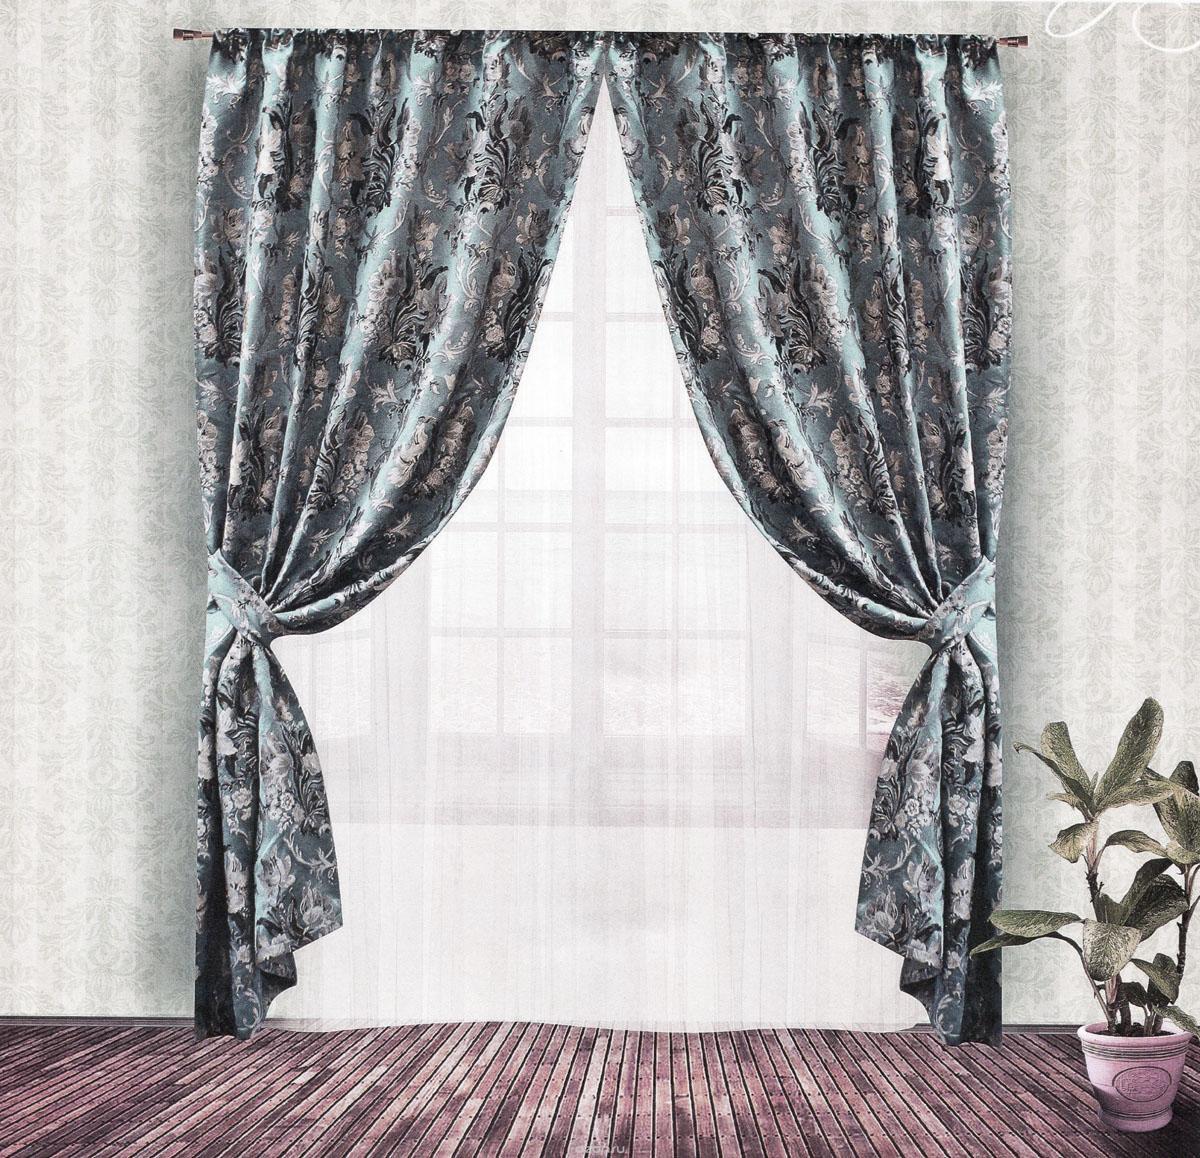 Комплект штор Zlata Korunka, на ленте, цвет: серо-голубой, высота 250 см. 5553855538Роскошный комплект штор Zlata Korunka, выполненный из гобелена (100% полиэстера), великолепно украсит любое окно. Комплект состоит из двух портьер и двух подхватов. Плотная ткань, цветочный принт и приятная, приглушенная гамма привлекут к себе внимание и органично впишутся в интерьер помещения. Комплект крепится на карниз при помощи шторной ленты, которая поможет красиво и равномерно задрапировать верх. Портьеры можно зафиксировать в одном положении с помощью двух подхватов. Этот комплект будет долгое время радовать вас и вашу семью! В комплект входит: Портьера: 2 шт. Размер (ШхВ): 140 см х 250 см. Подхват: 2 шт. Размер (ШхВ): 60 см х 10 см.